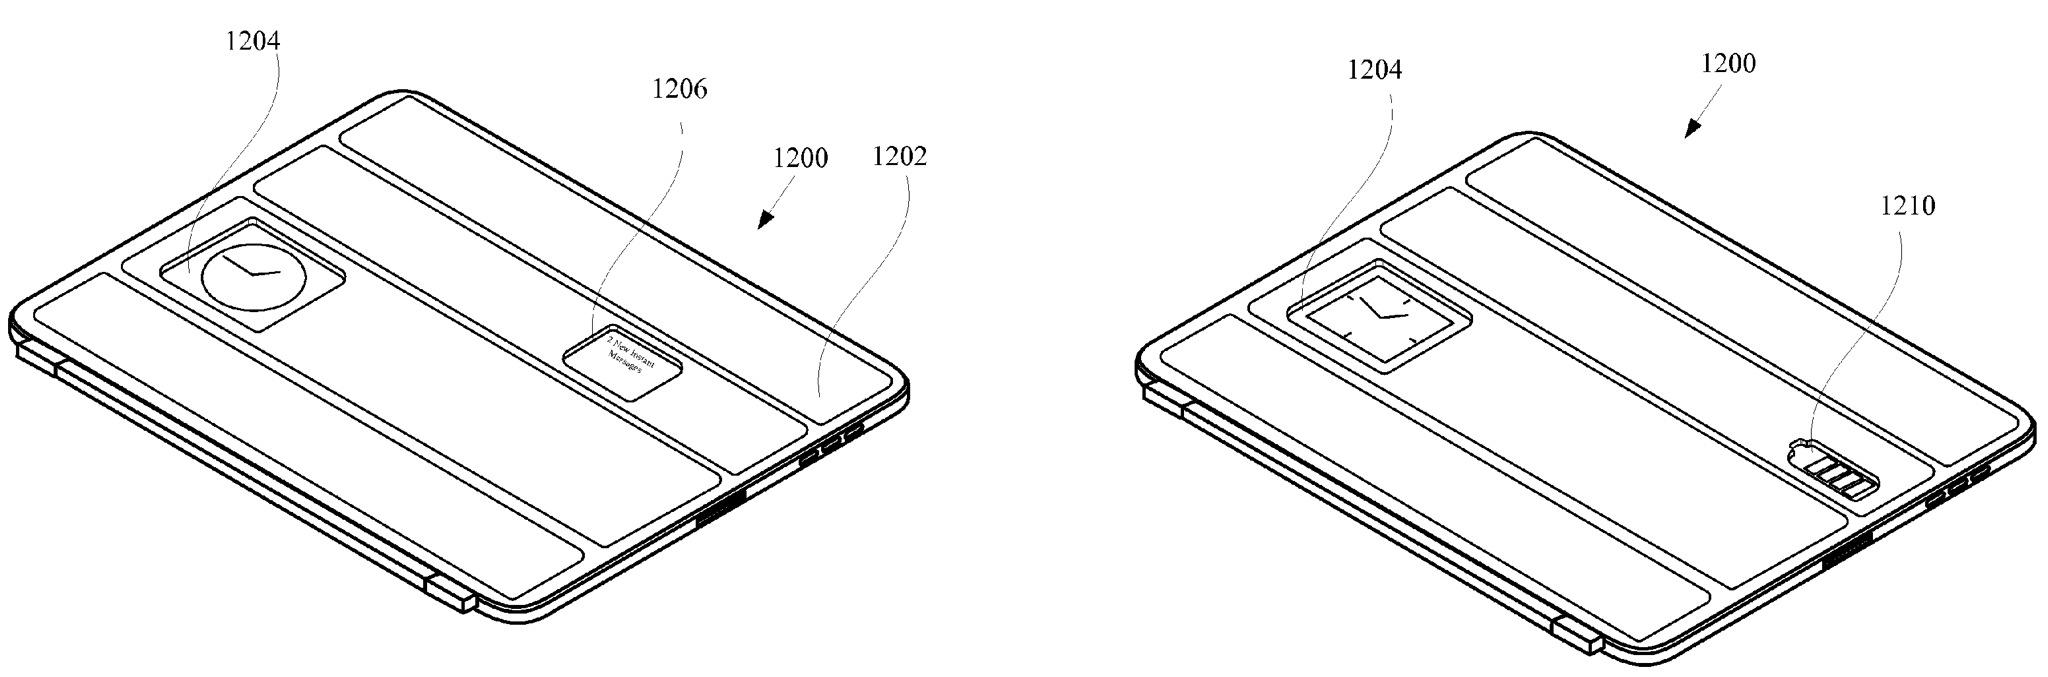 Mela seethrough Smart Cover di brevetto (disegno 003)